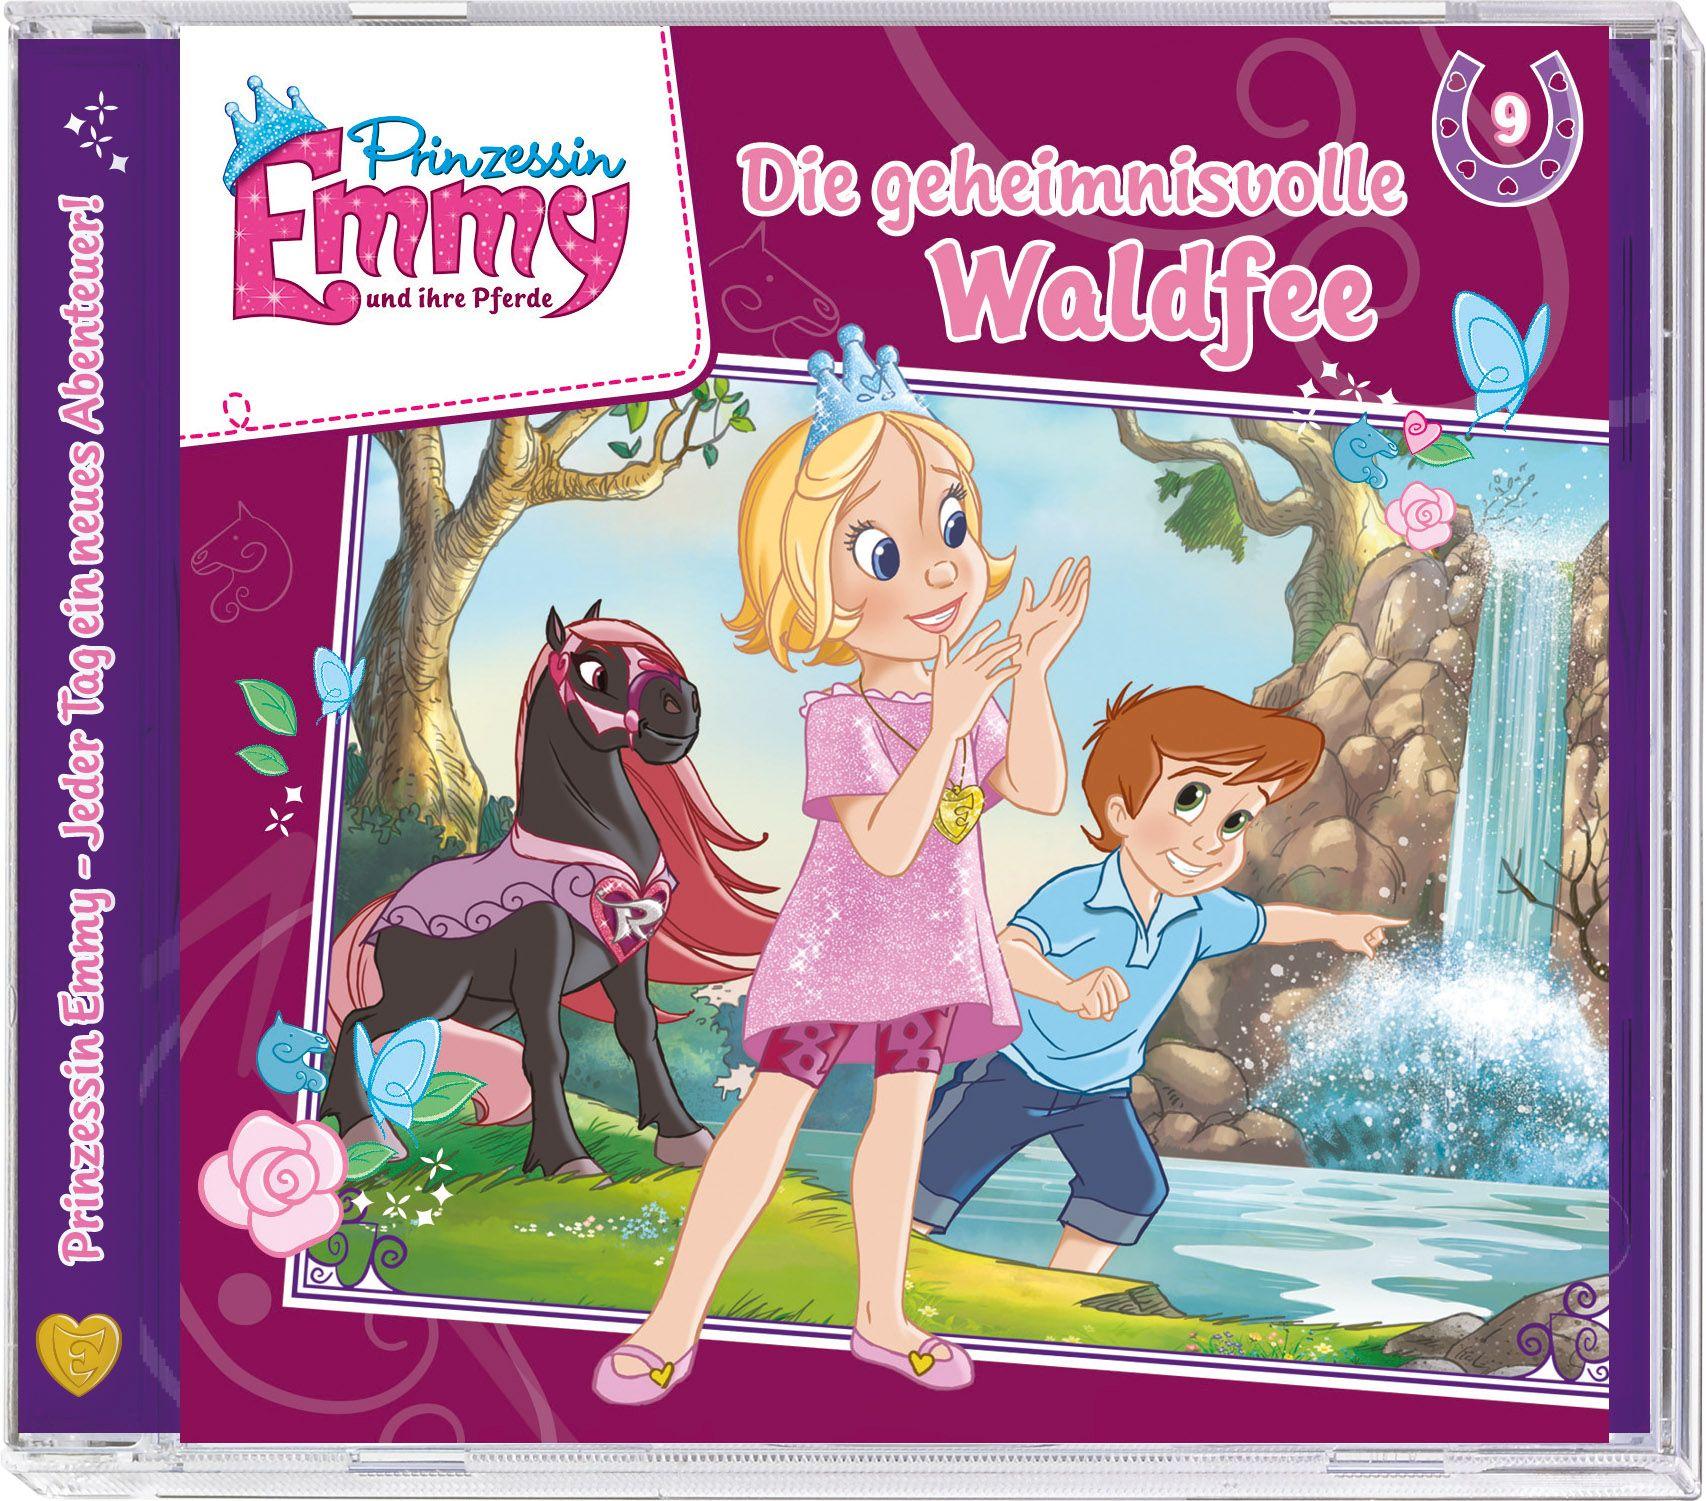 Prinzessin Emmy: Die geheimnisvolle Waldfee (Fo...